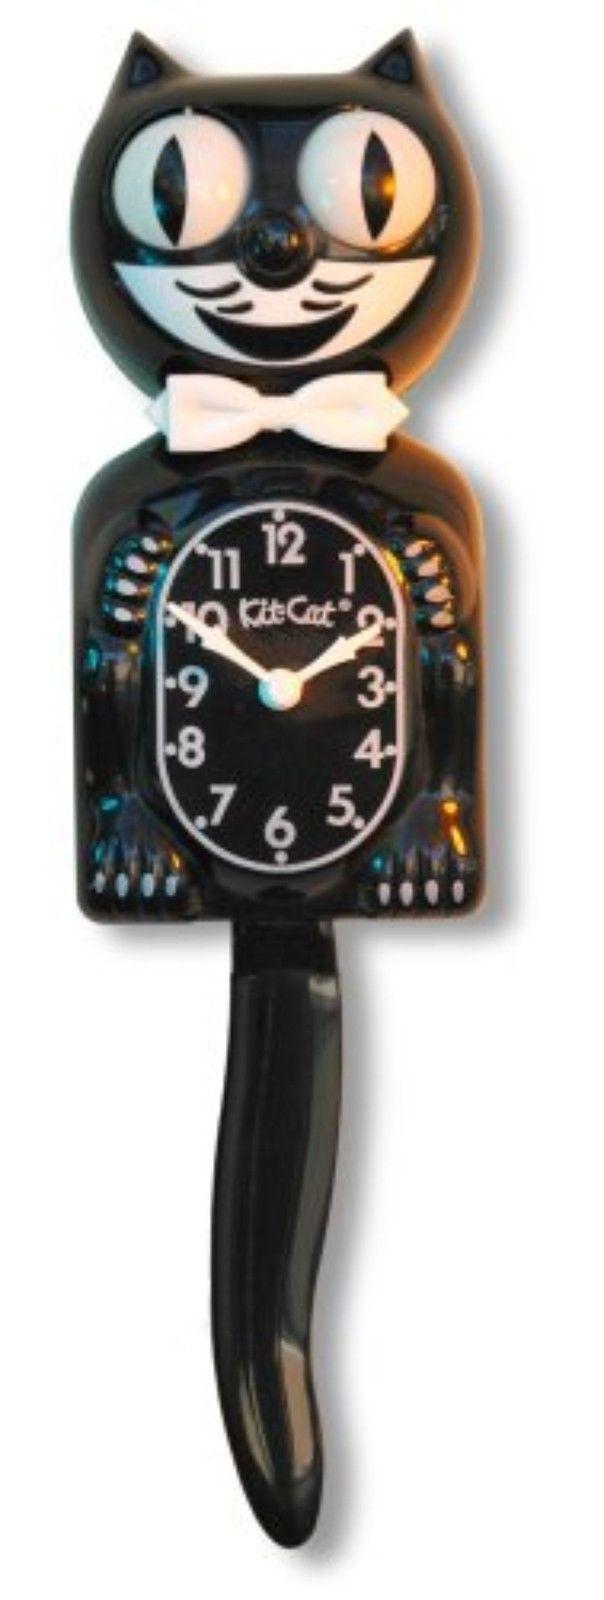 Kit Cat BC01 Classic Black Clock Large   eBay